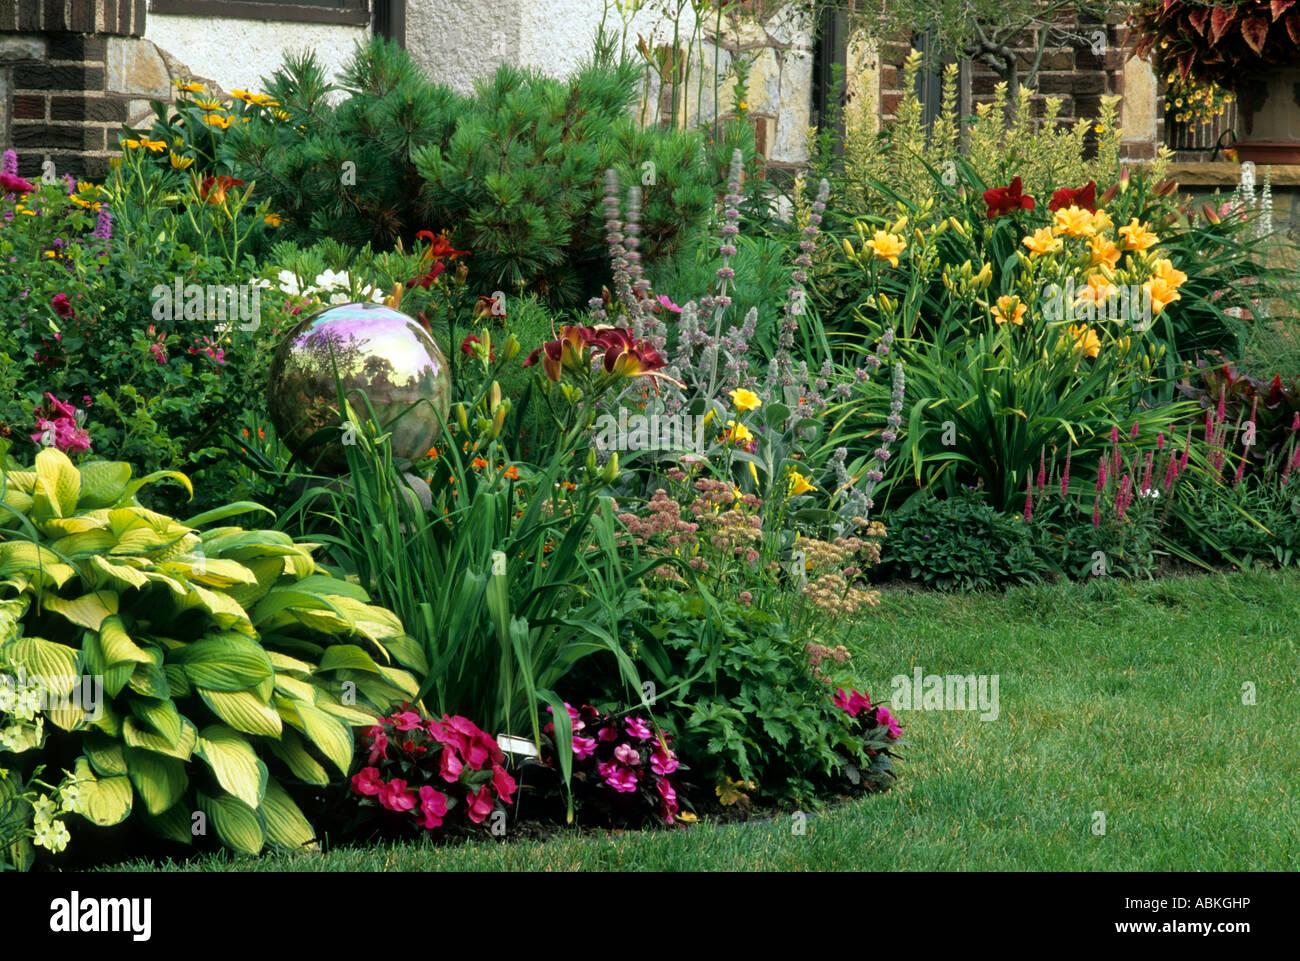 Minneapolis minnesota perennial border garden gazing ball hosta minneapolis minnesota perennial border garden gazing ball hosta impatiens daylilies summer america mightylinksfo